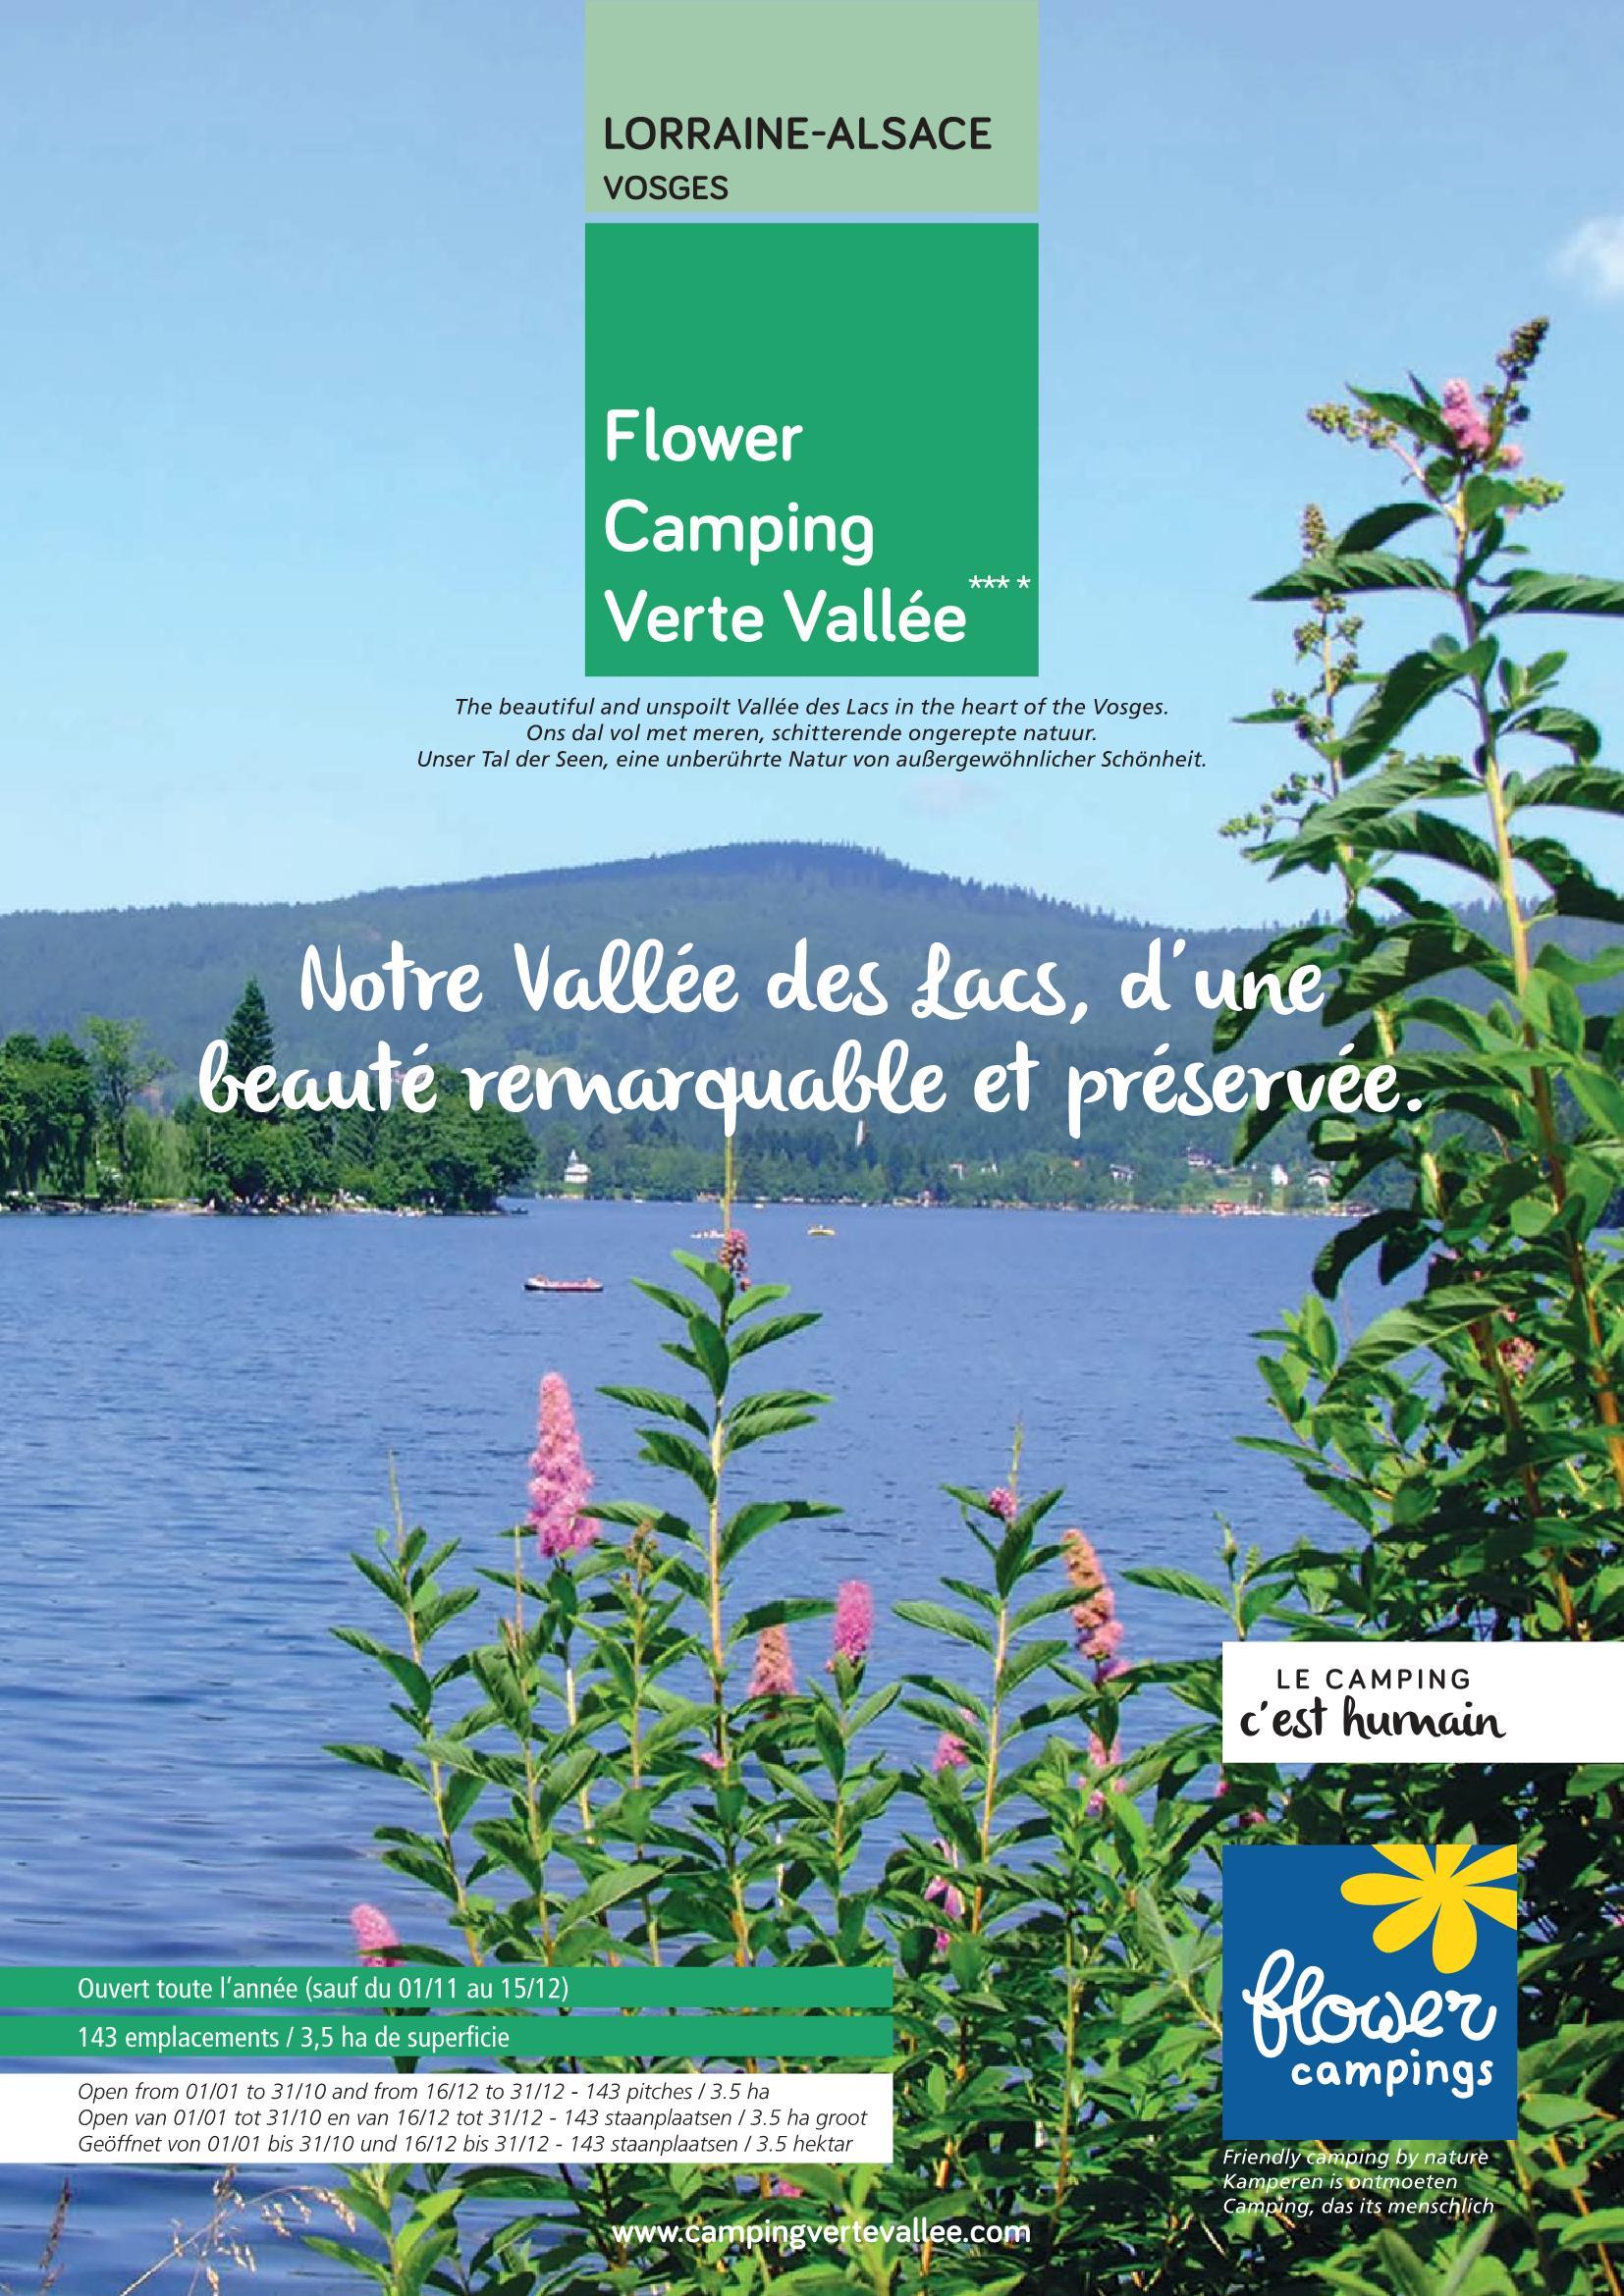 Camping La Vallée Verte Vosges 2020 Hébergements Insolites : Eco-Lodge, Mobil-Home, Tente Lodge Nature, Cabane éco-pod, Coco Sweet, Titi, Gîte de groupe...